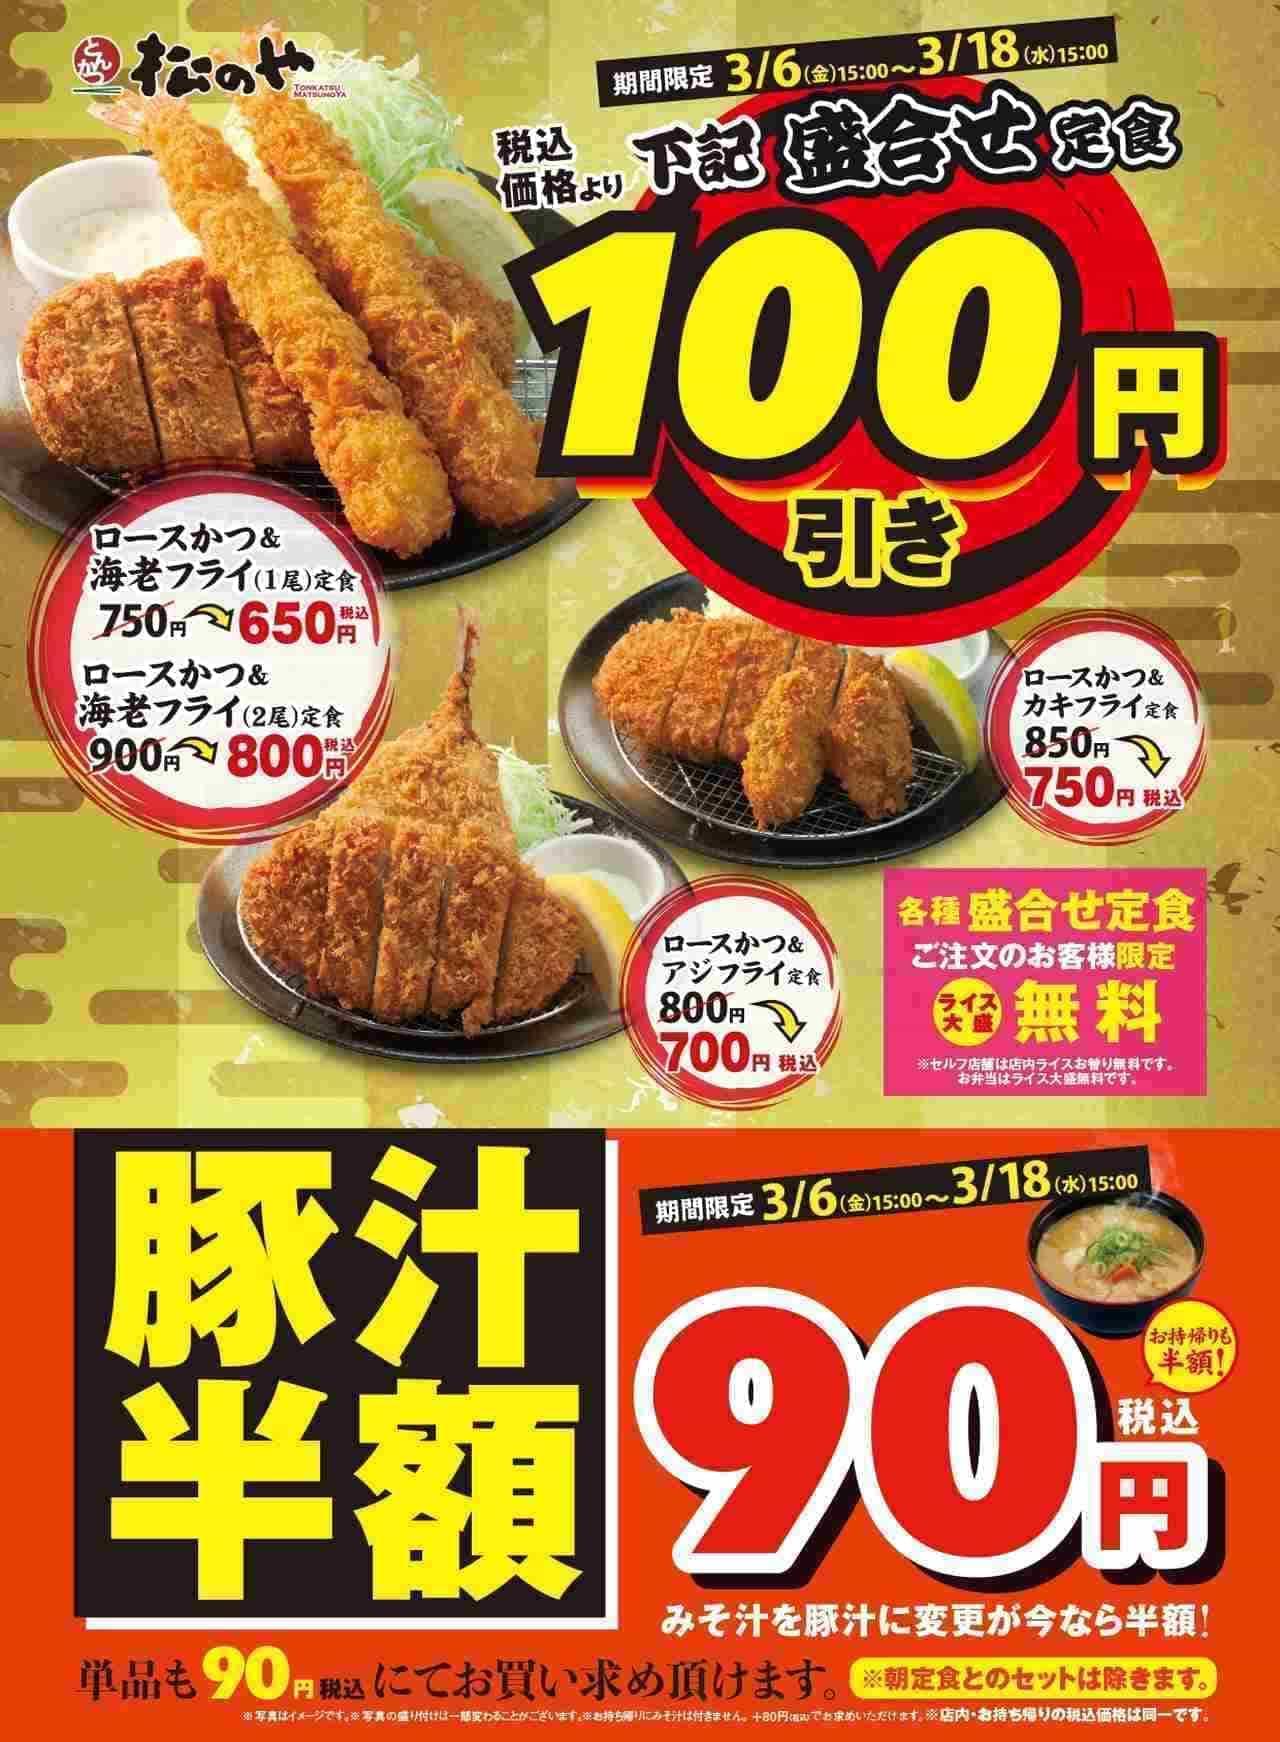 松のや「盛合せ定食100円引き・豚汁半額フェア」